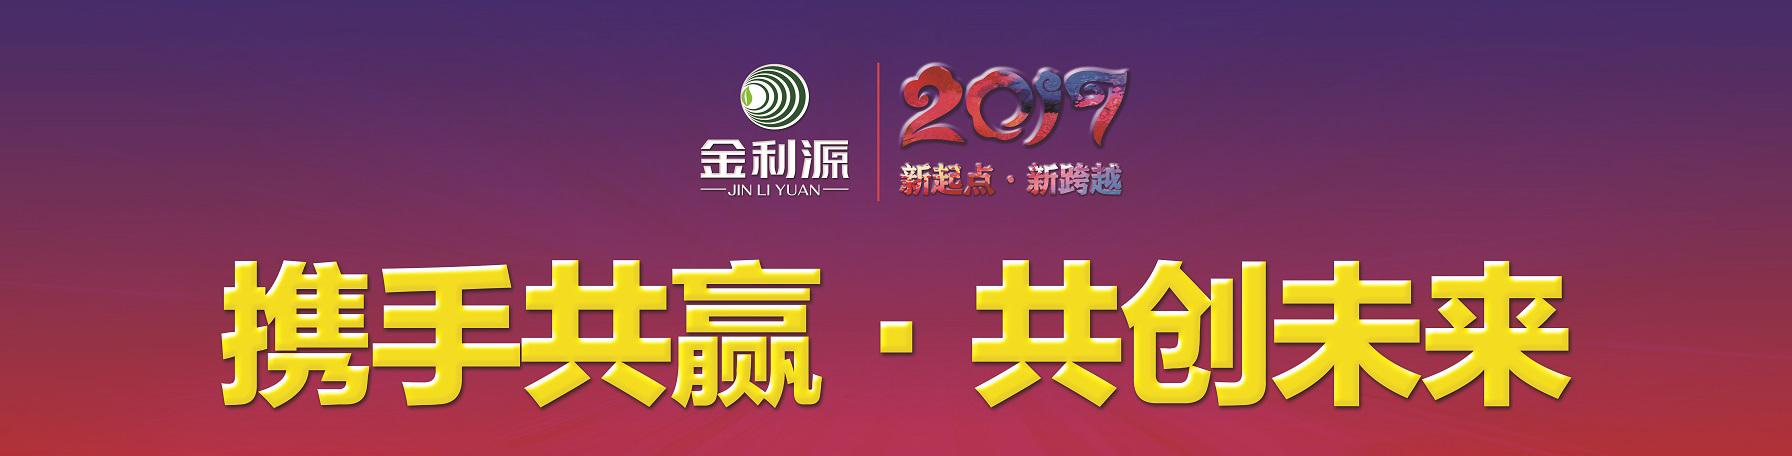 2017金利源健康明仕亚洲手机版华东/华北经销商招商大会